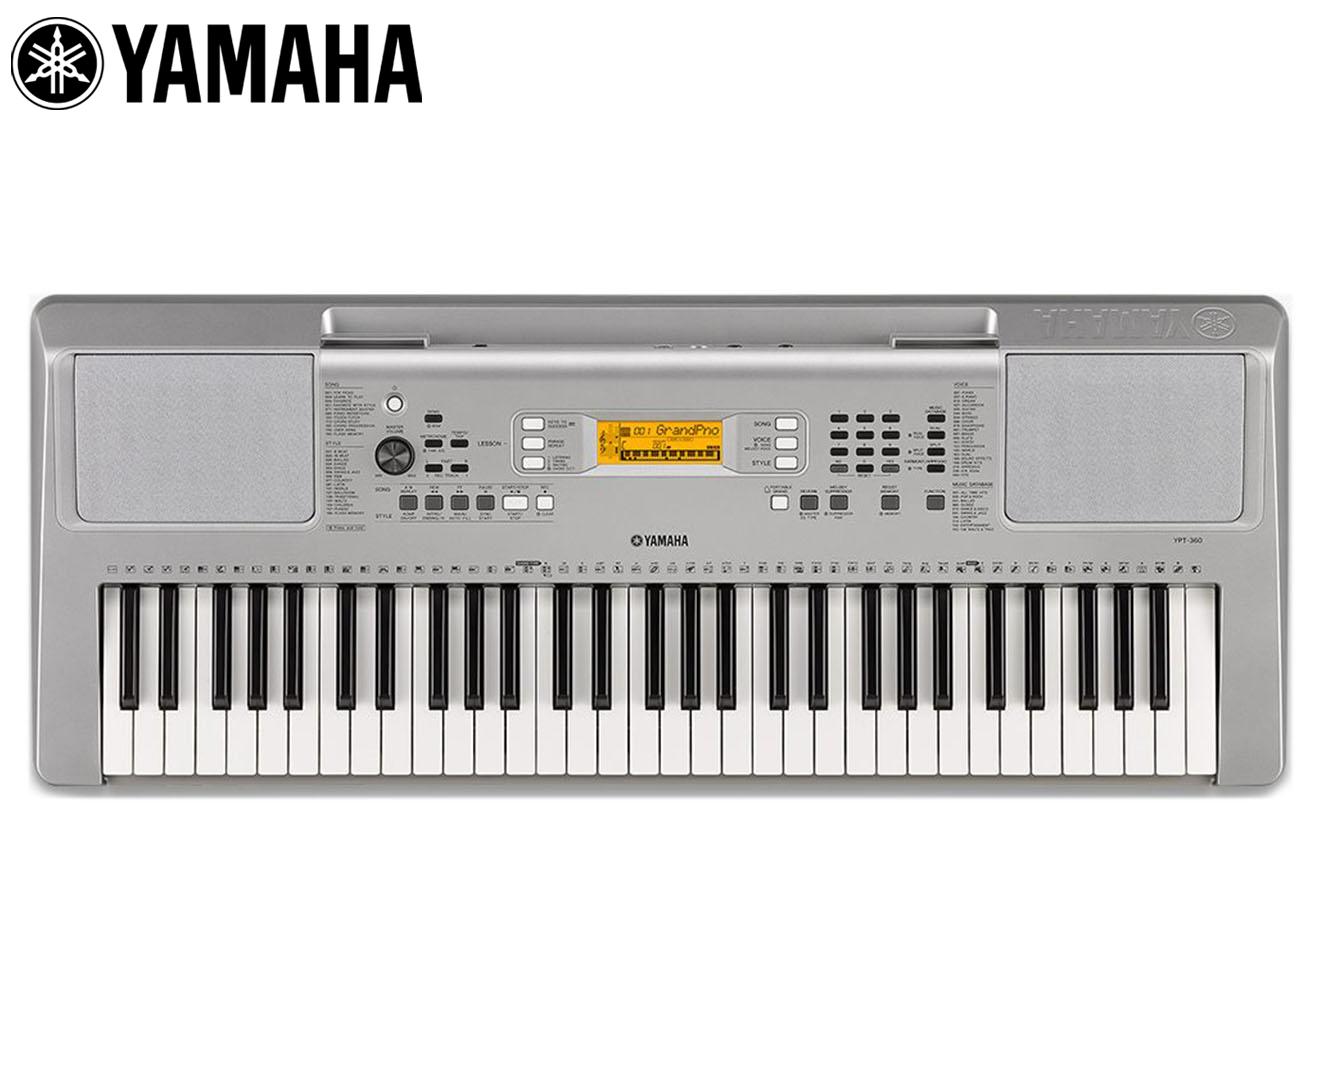 yamaha ypt 360 keyboard ebay. Black Bedroom Furniture Sets. Home Design Ideas